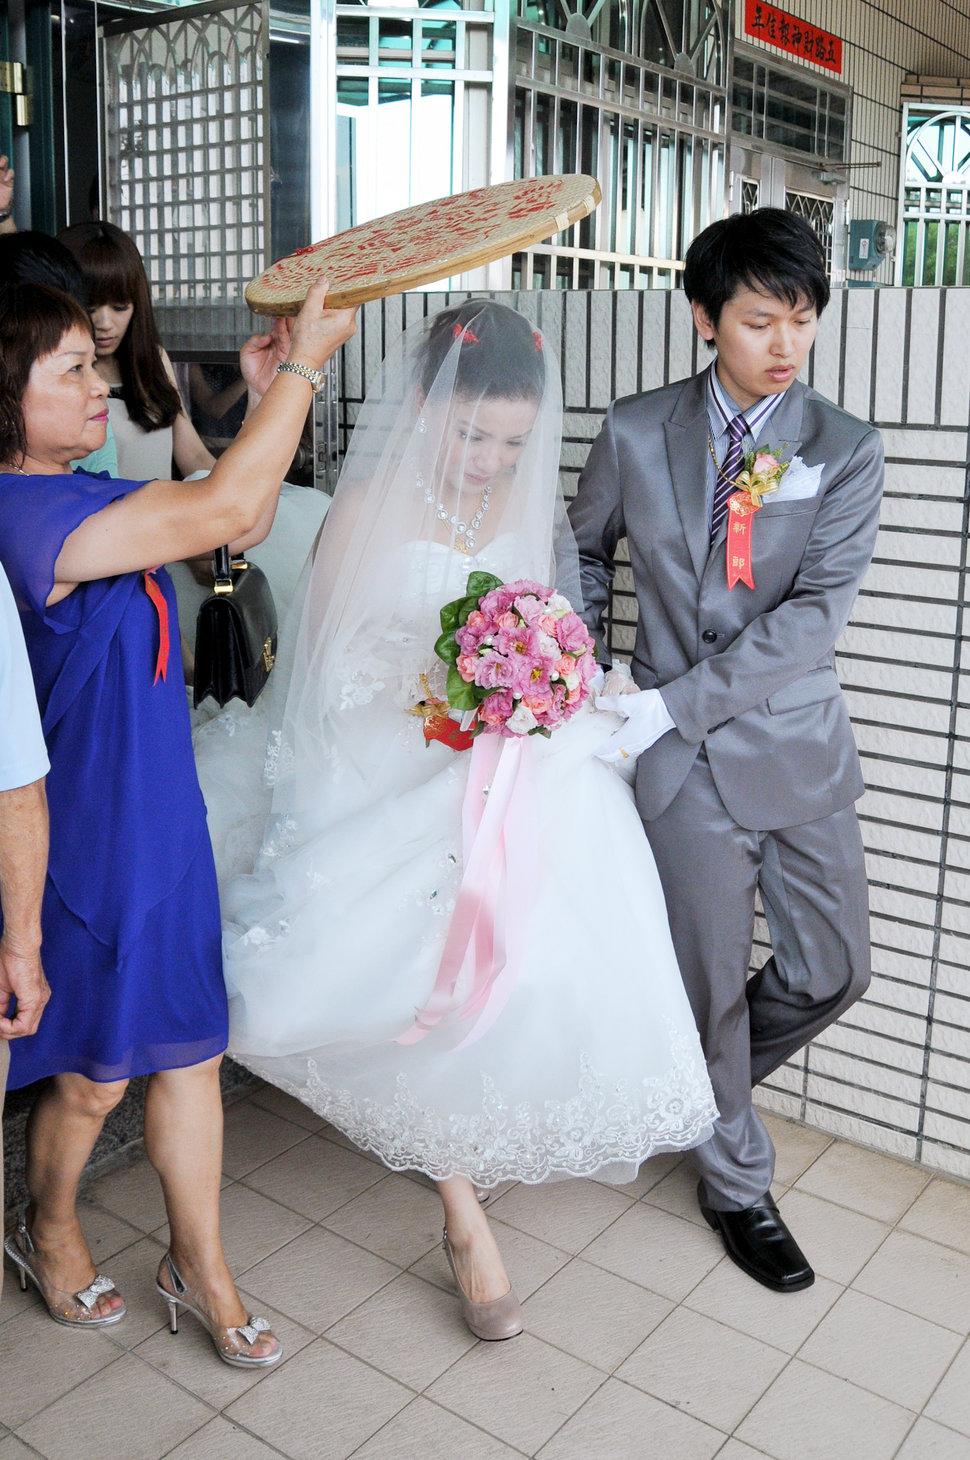 登璿&湘敏 迎娶_040 - 克里斯 婚禮紀錄 - 結婚吧